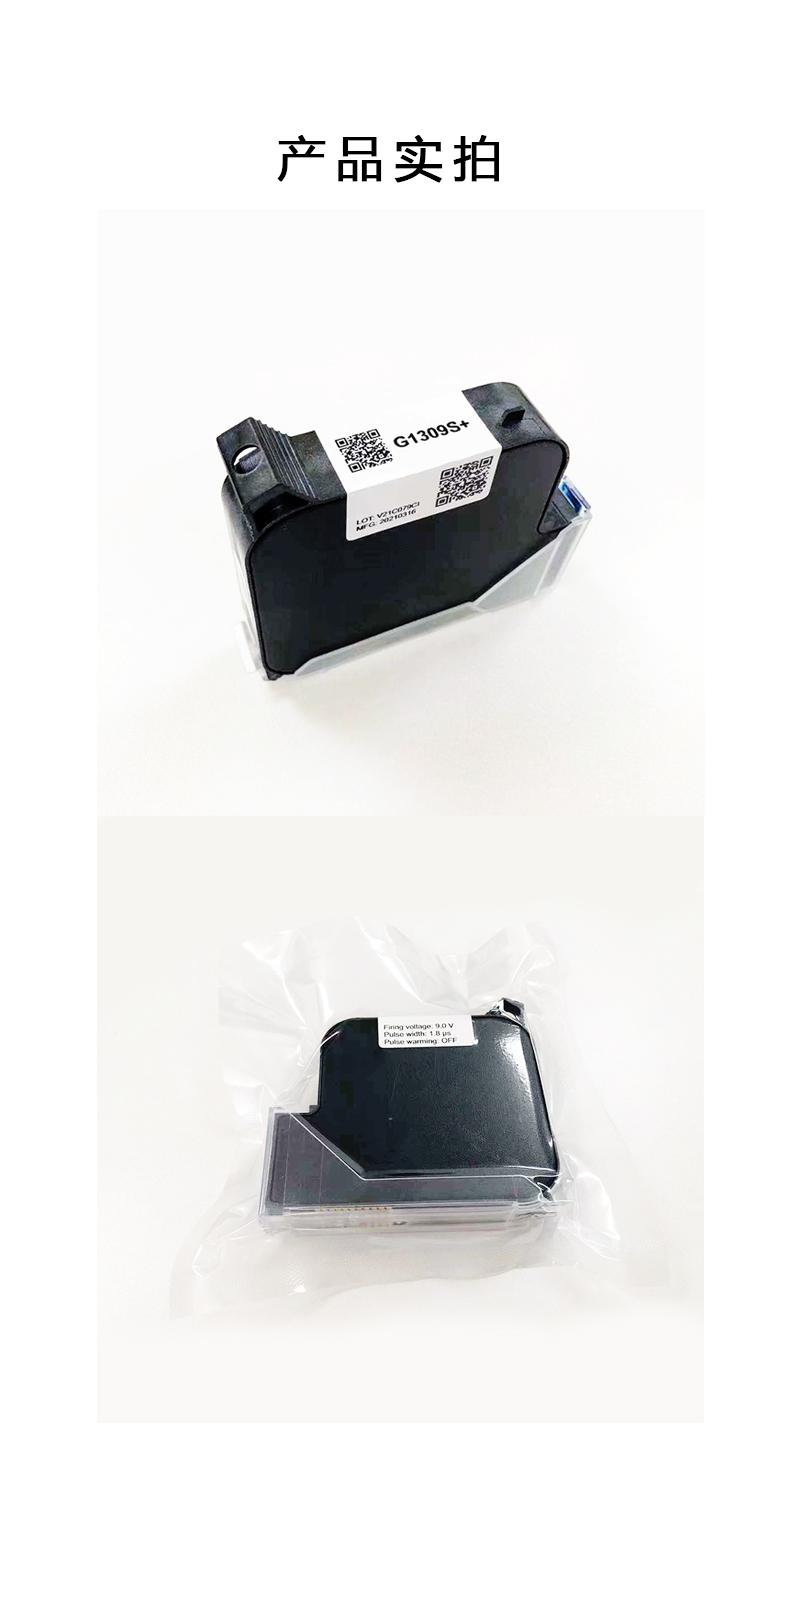 1309S+墨盒产品详情页05.jpg